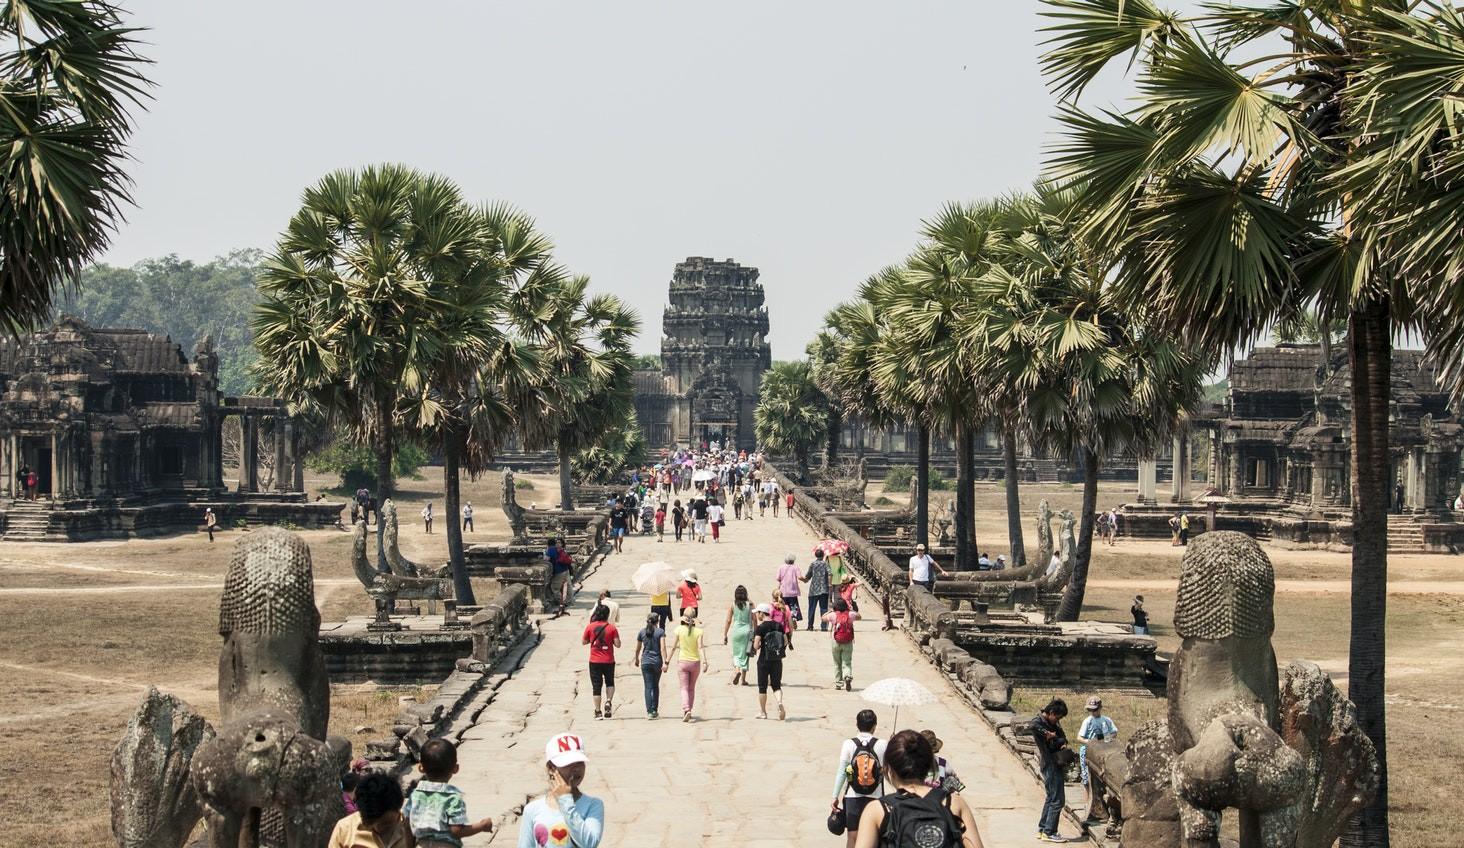 Tạp chí du lịch Lonely Planet bình chọn Việt Nam là một trong những nơi tận hưởng tuần trăng mật với giá cả dễ chịu nhất thế giới - Ảnh 21.